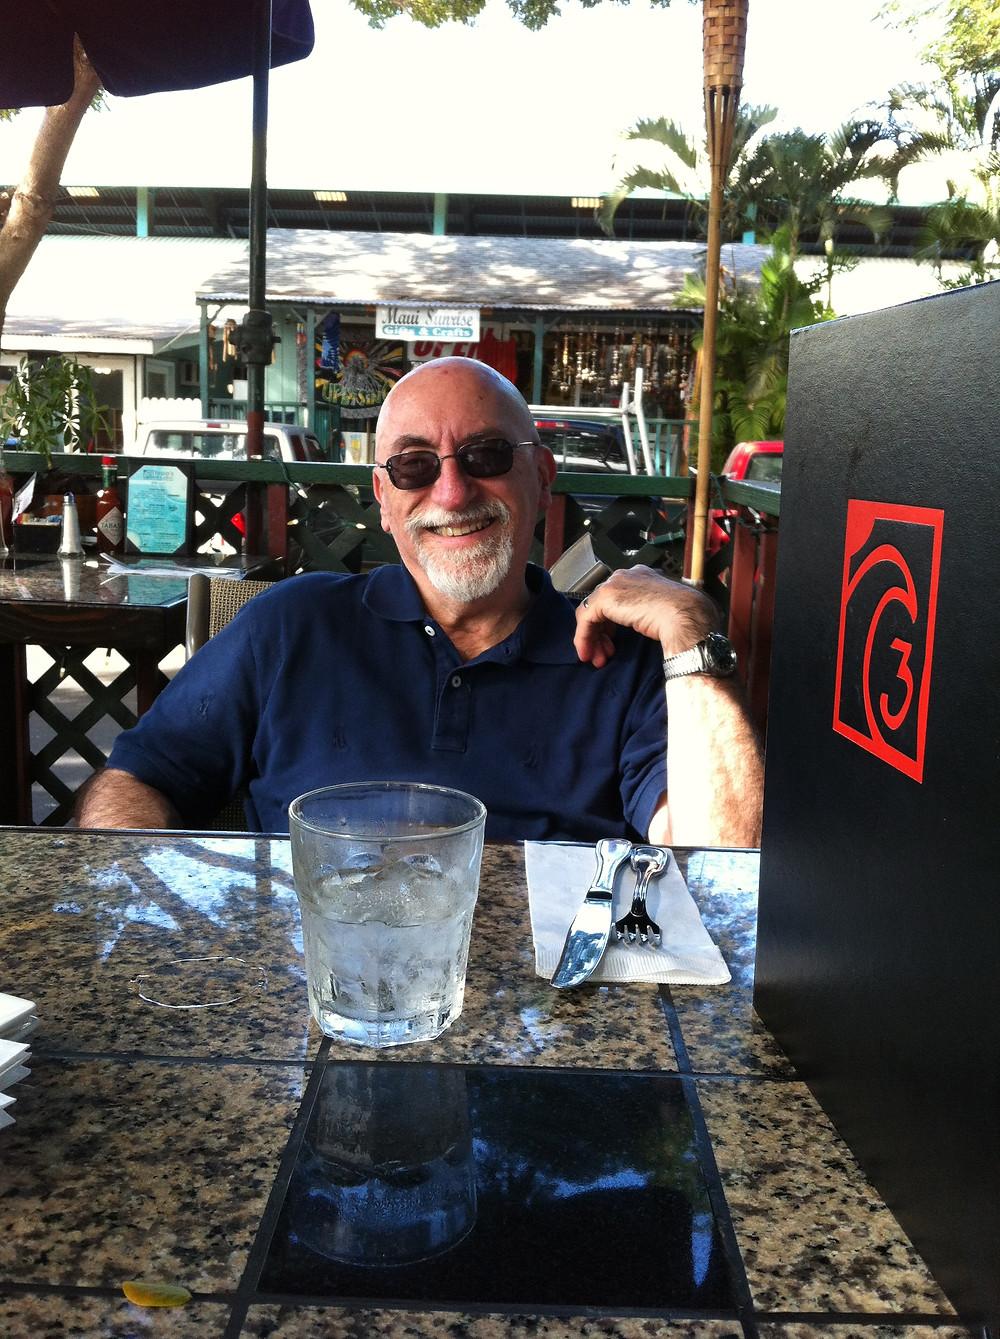 Oregon thriller author William J. Cook